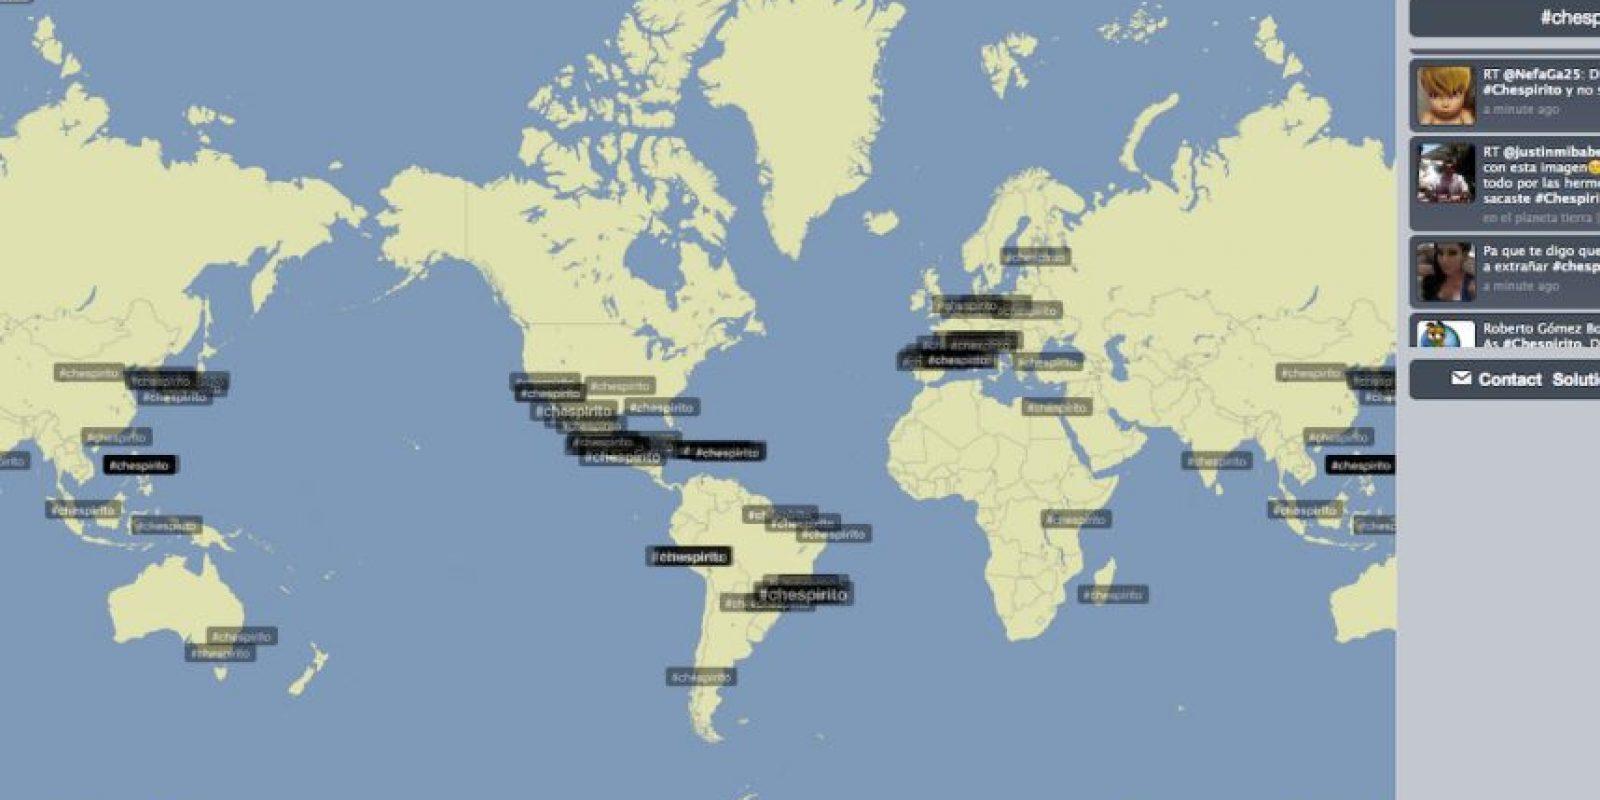 Este es el impacto que ha tenido la muerte de #Chespirito en las redes sociales del mundo Foto:Trendsmap.com